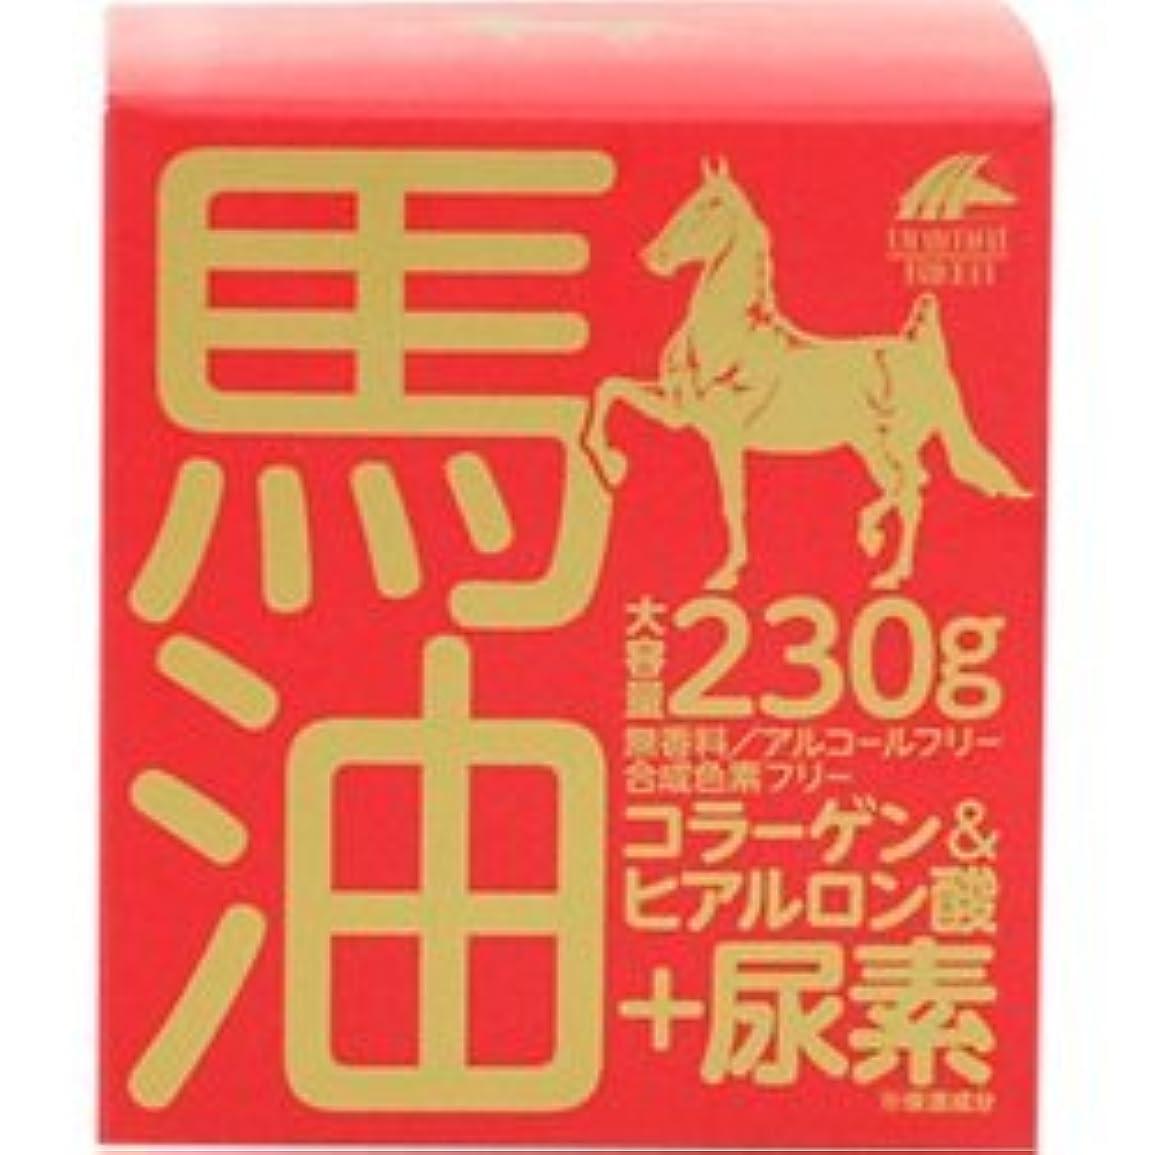 アルミニウム絞るギャングスター【ユニマットリケン】馬油クリーム+尿素 230g ×3個セット